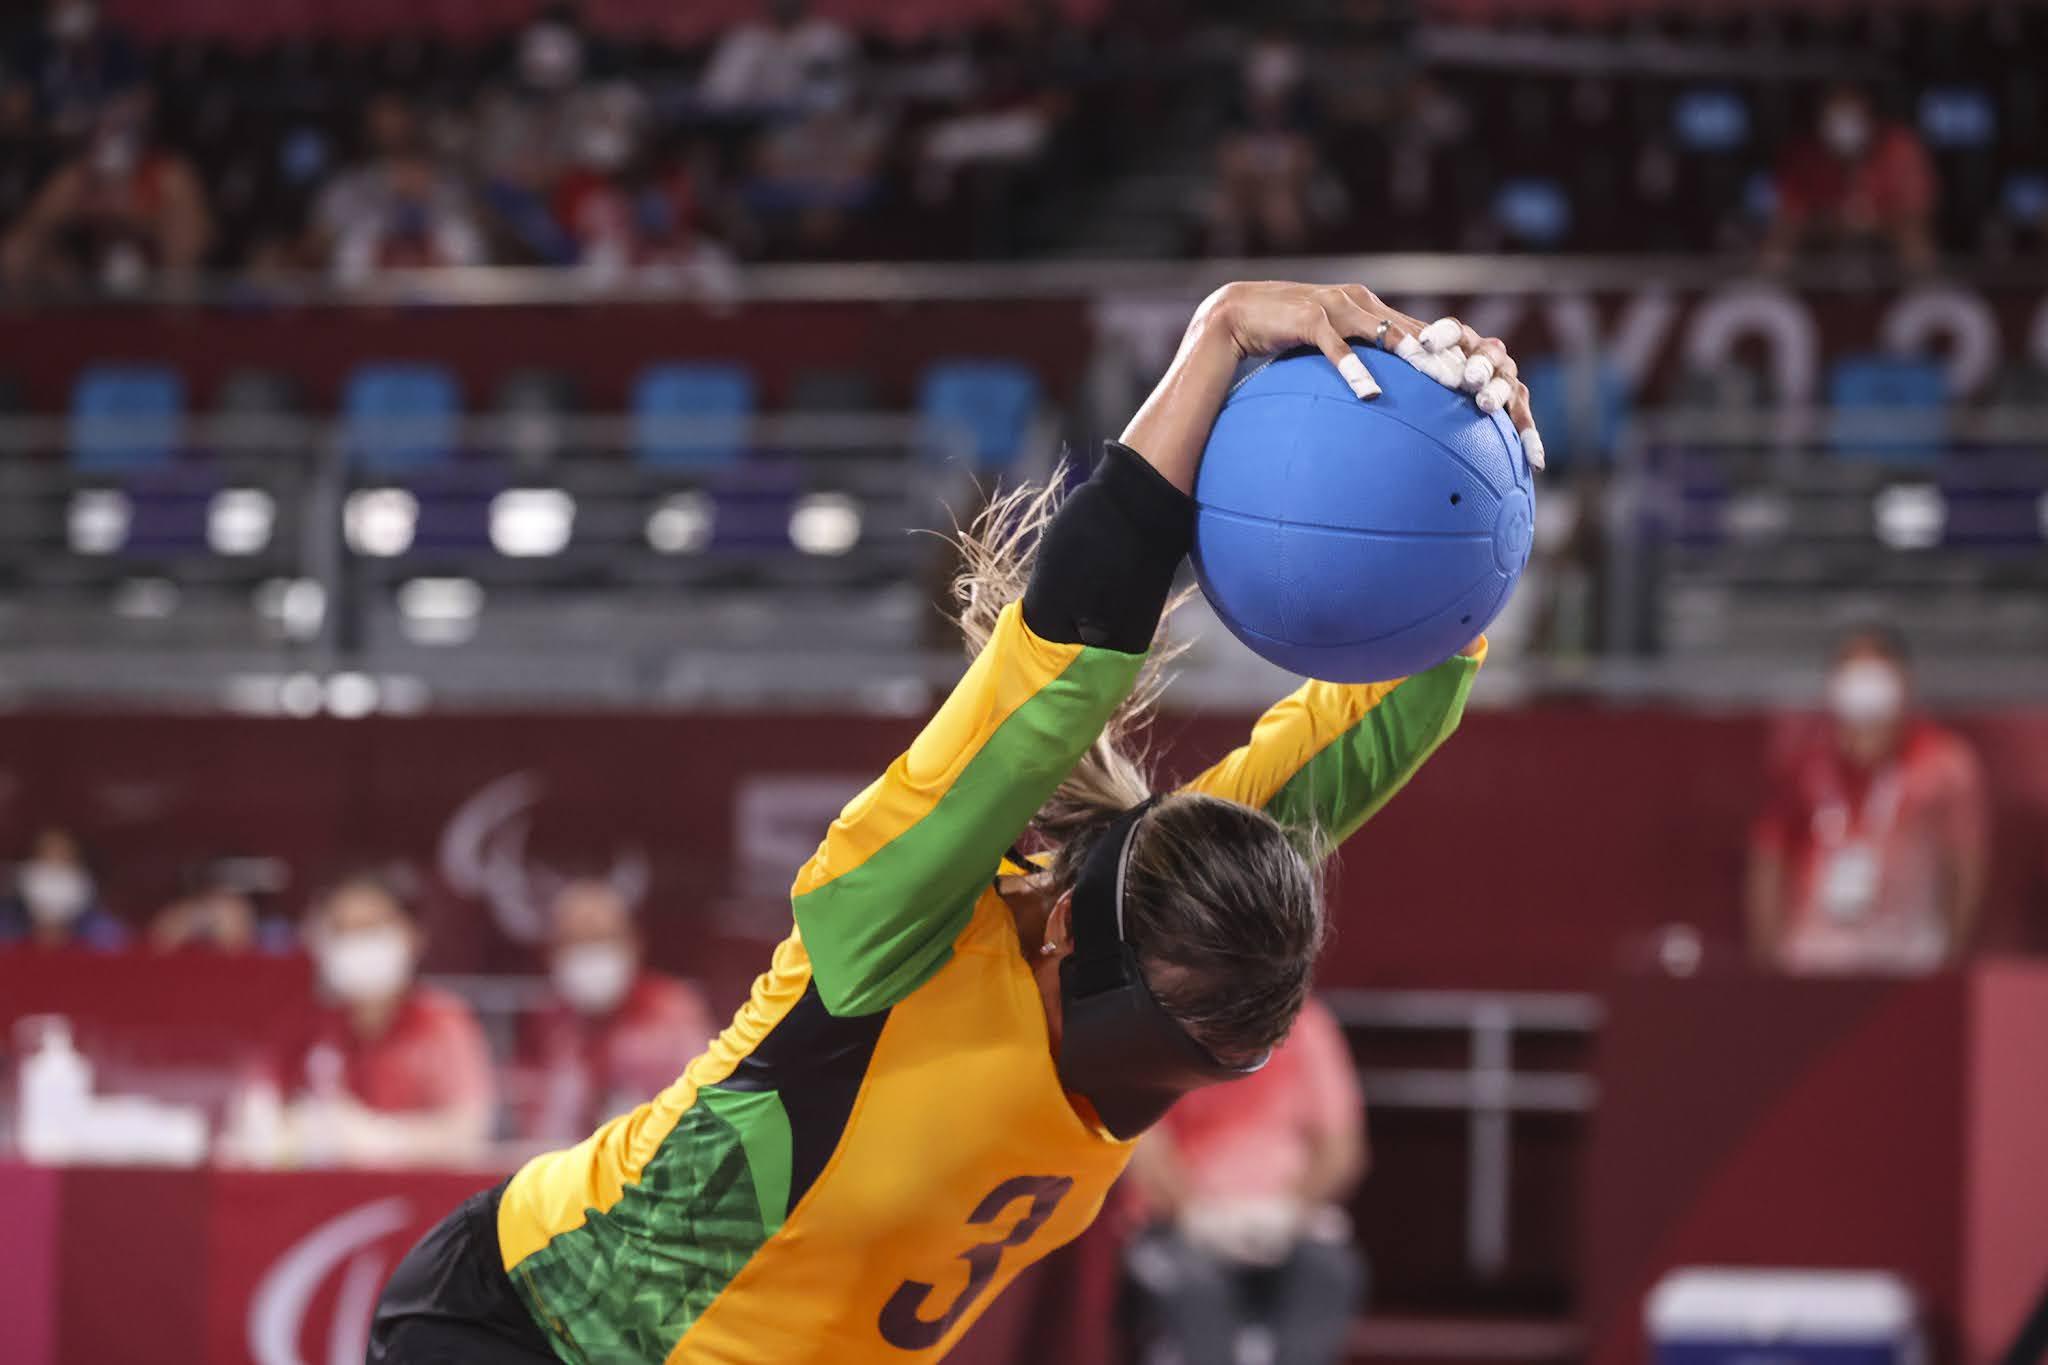 Ana Carolina com a bola azul, virada de costas pronta para arremessar